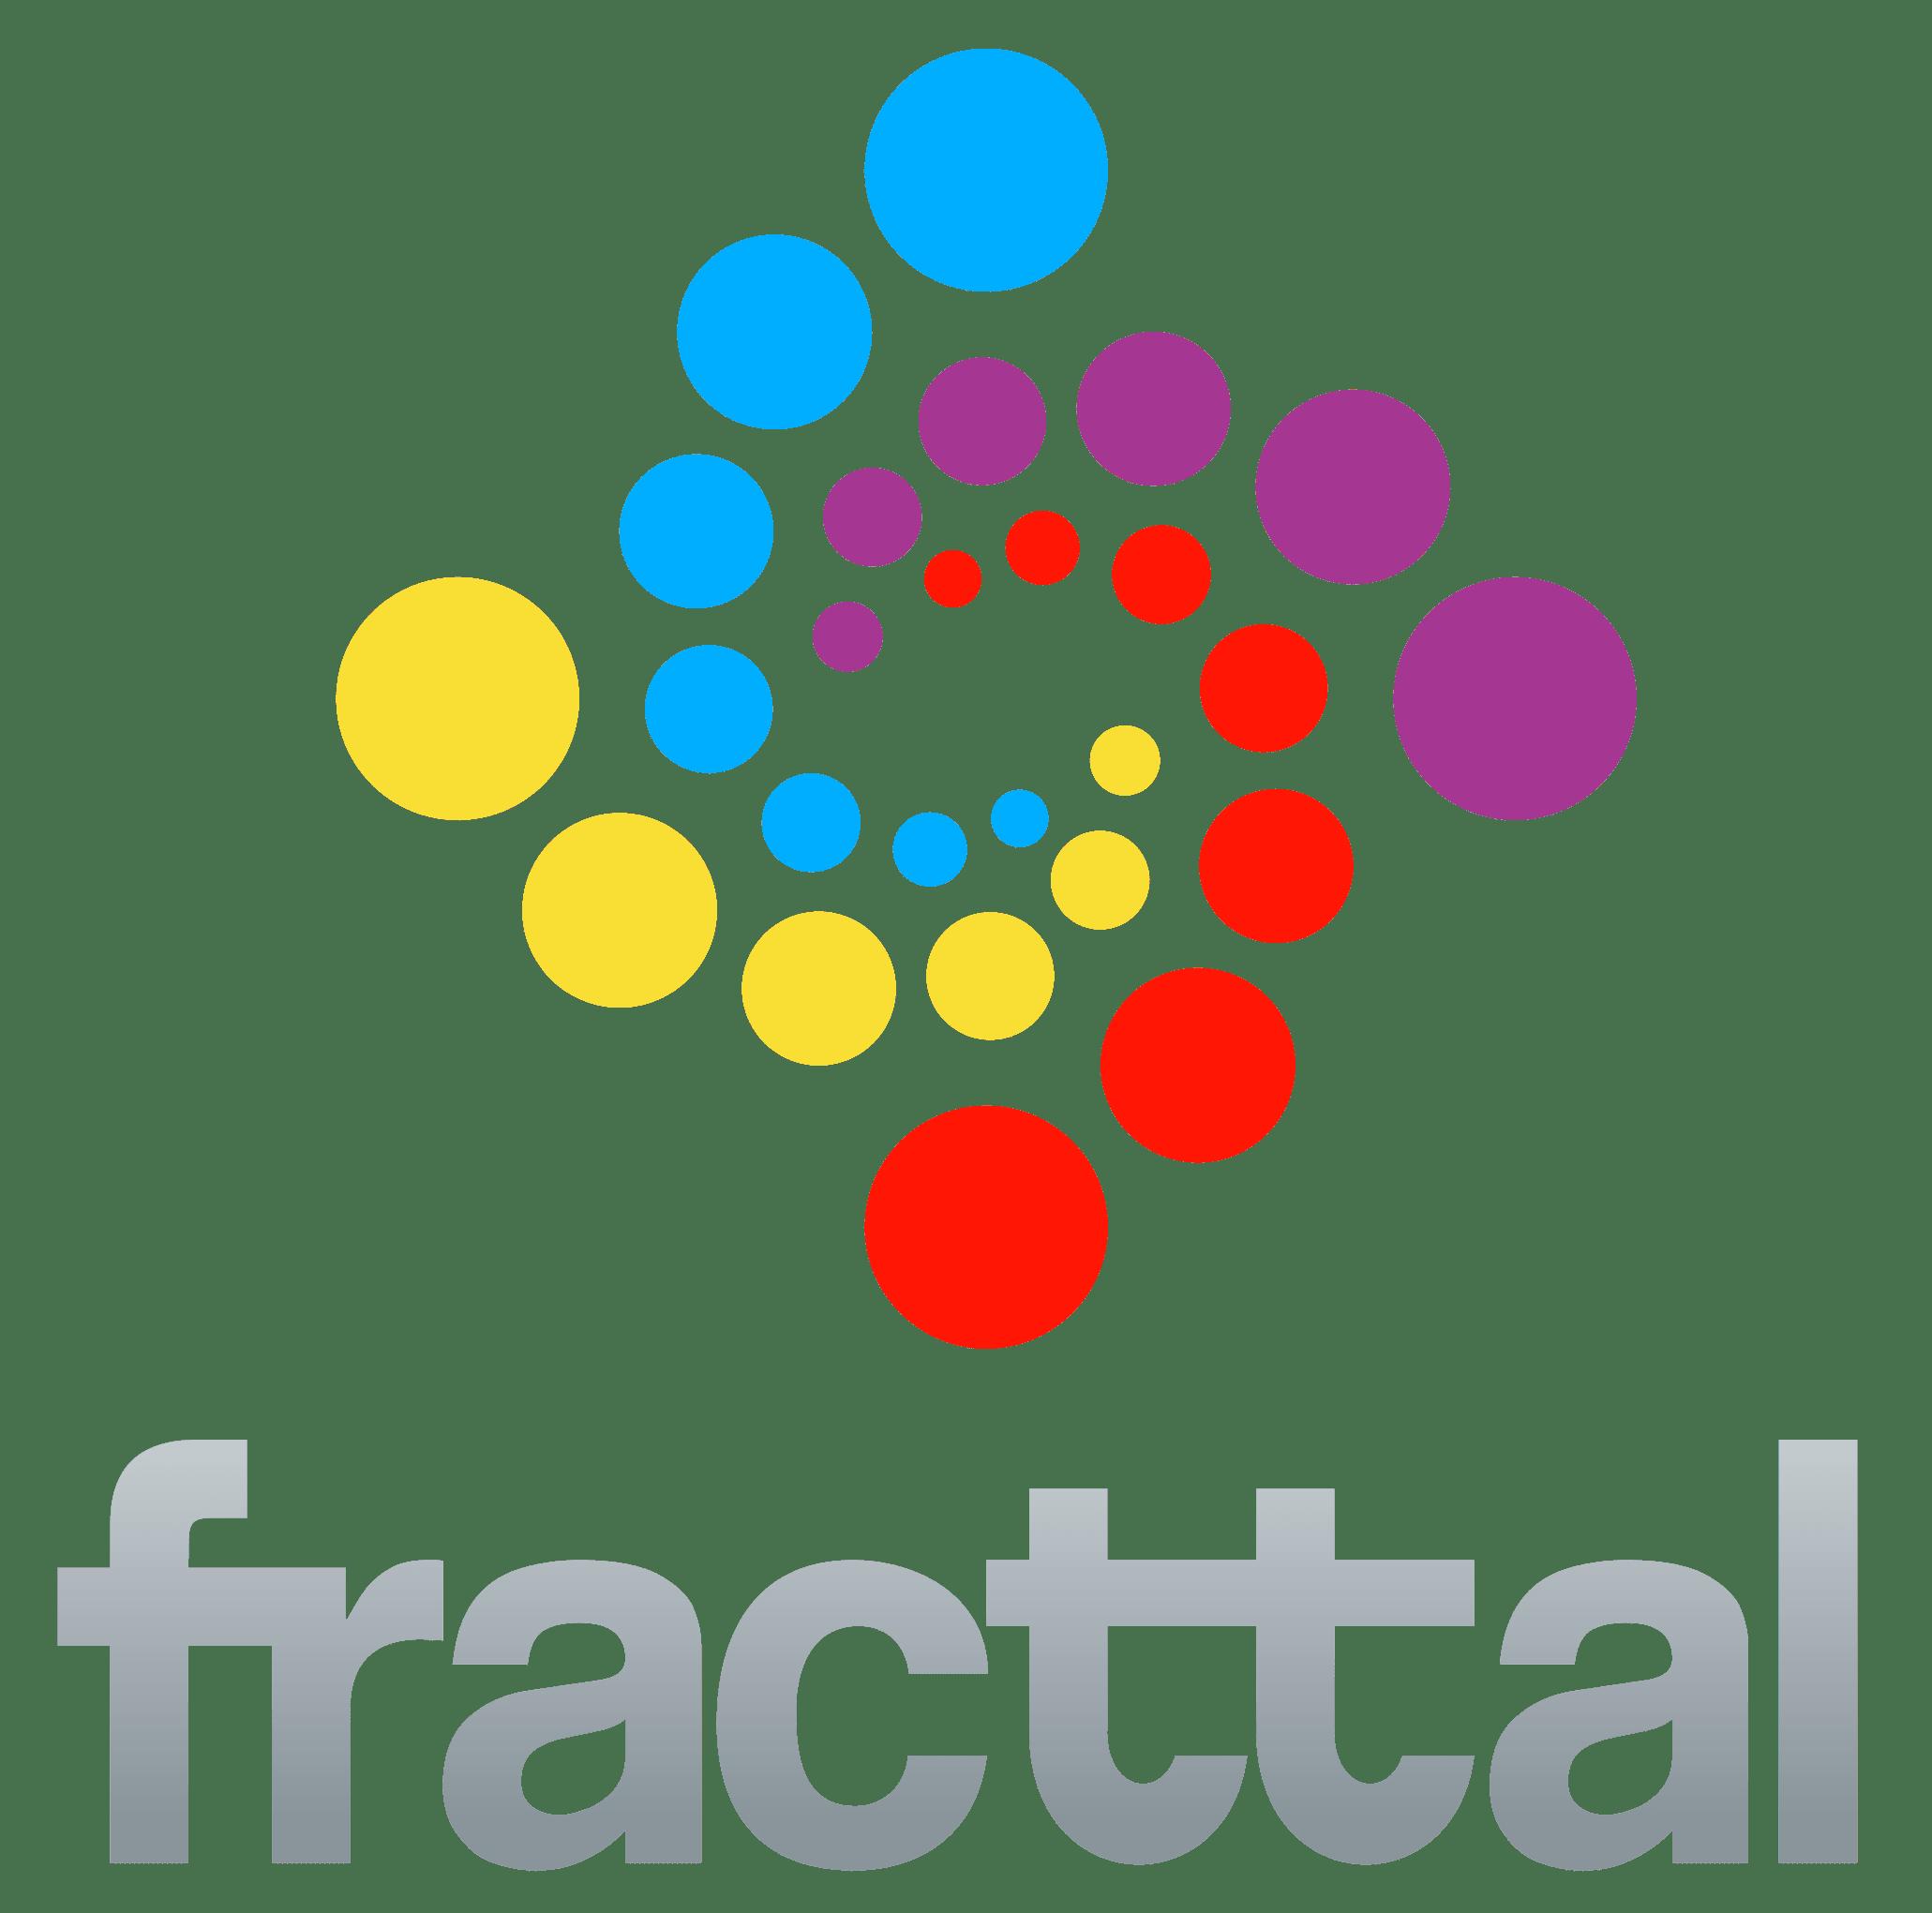 Fracttal 3